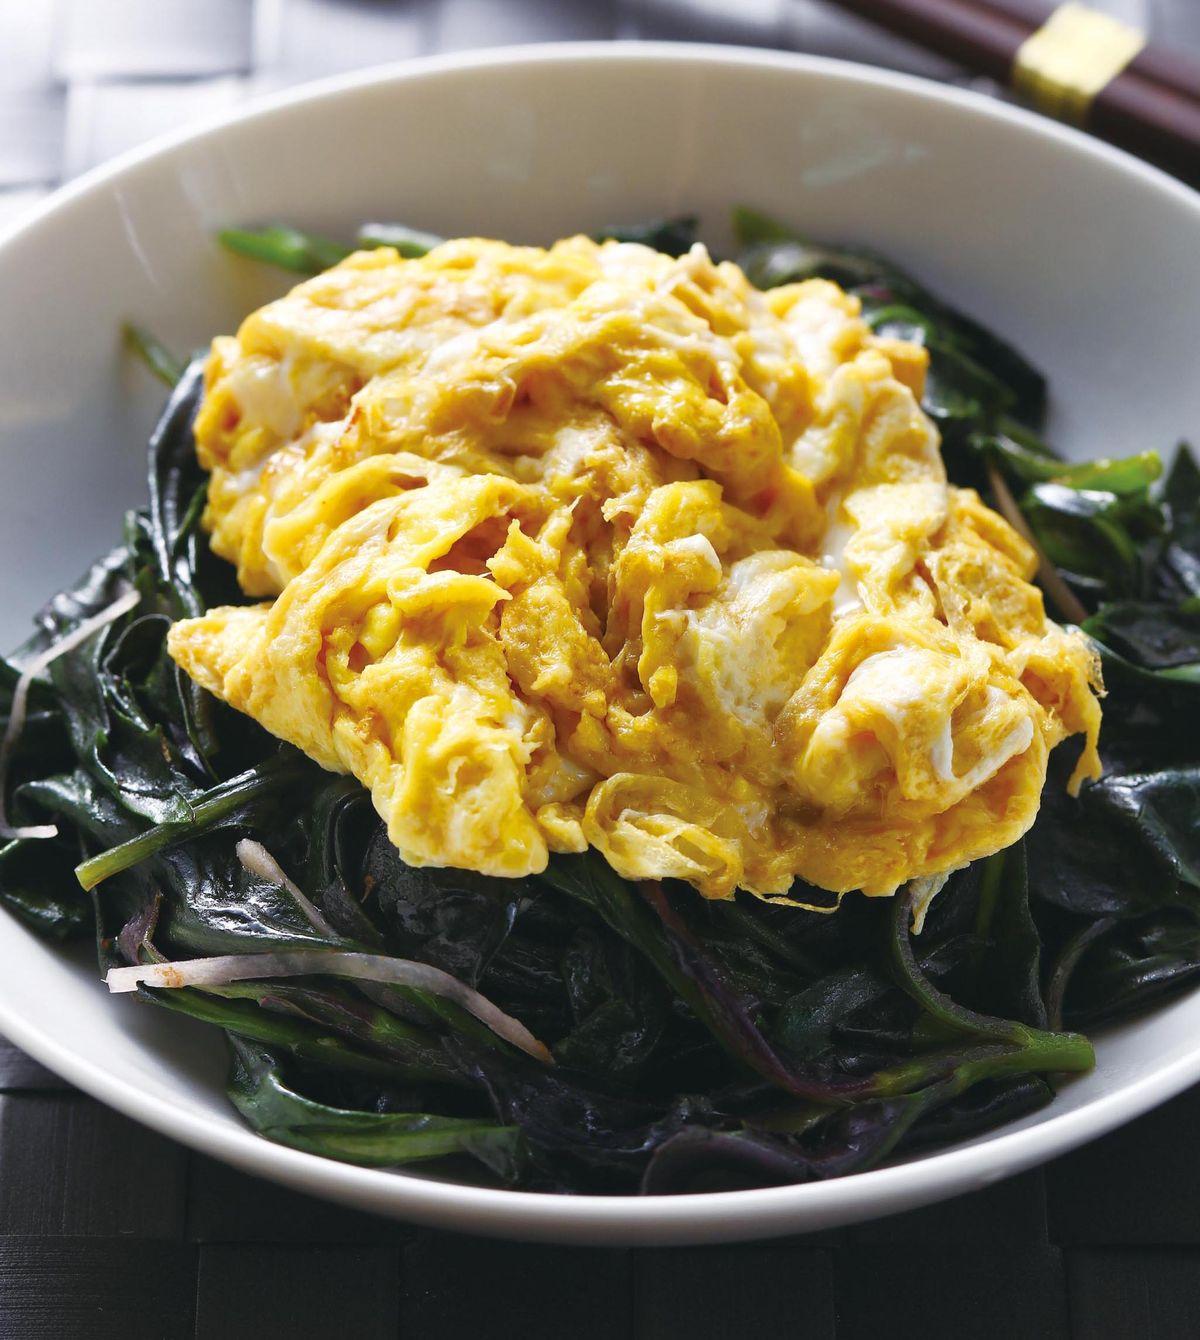 食譜:雞蛋麻油紅鳳菜